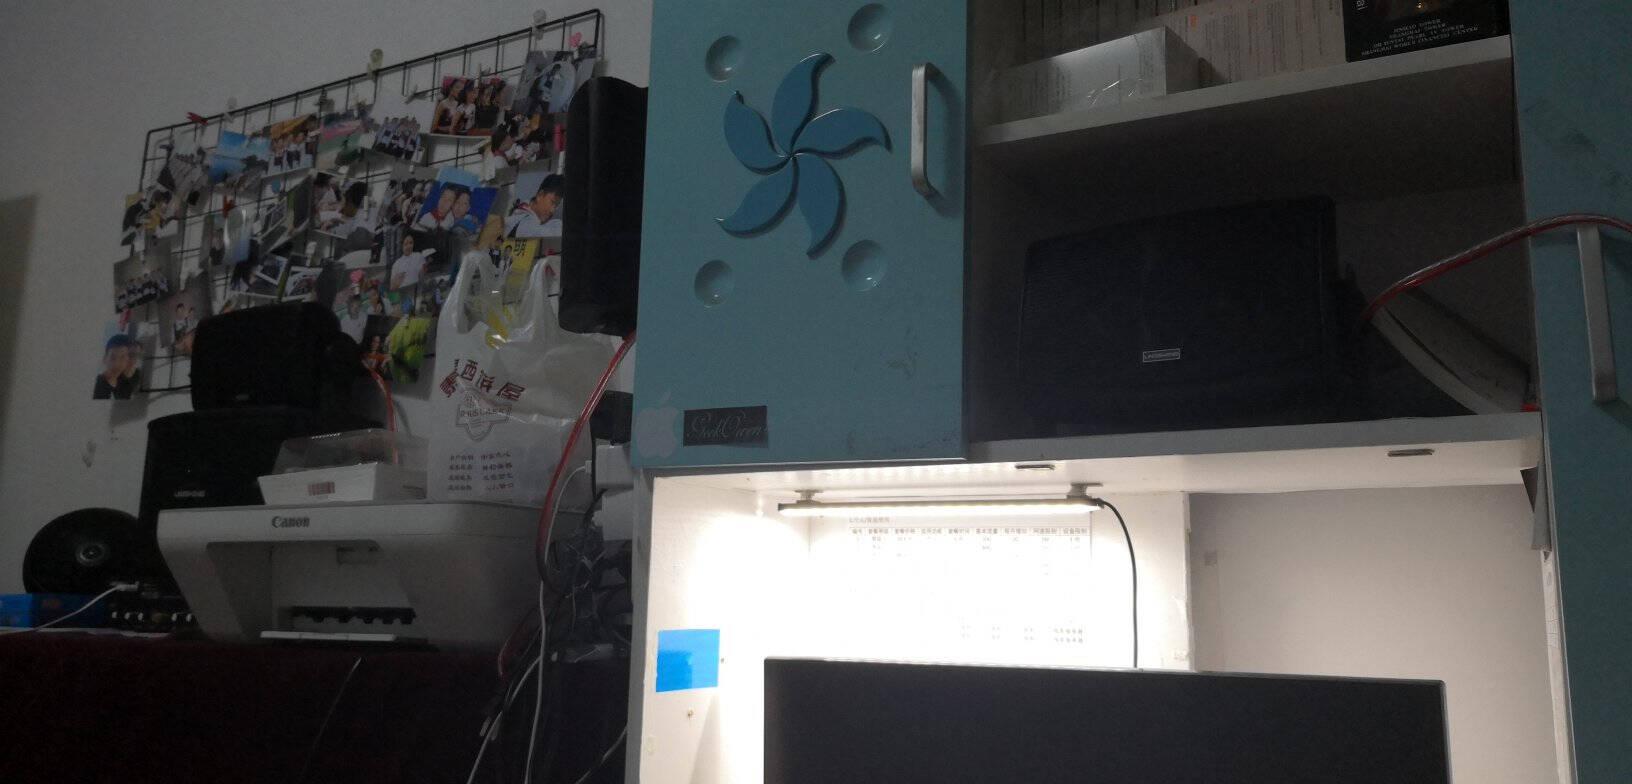 菱声(LINGSHENG)菱声204壁挂音箱背景音乐系统公共广播教室超市店铺商场壁挂音响会议室音响特价款20瓦黑色